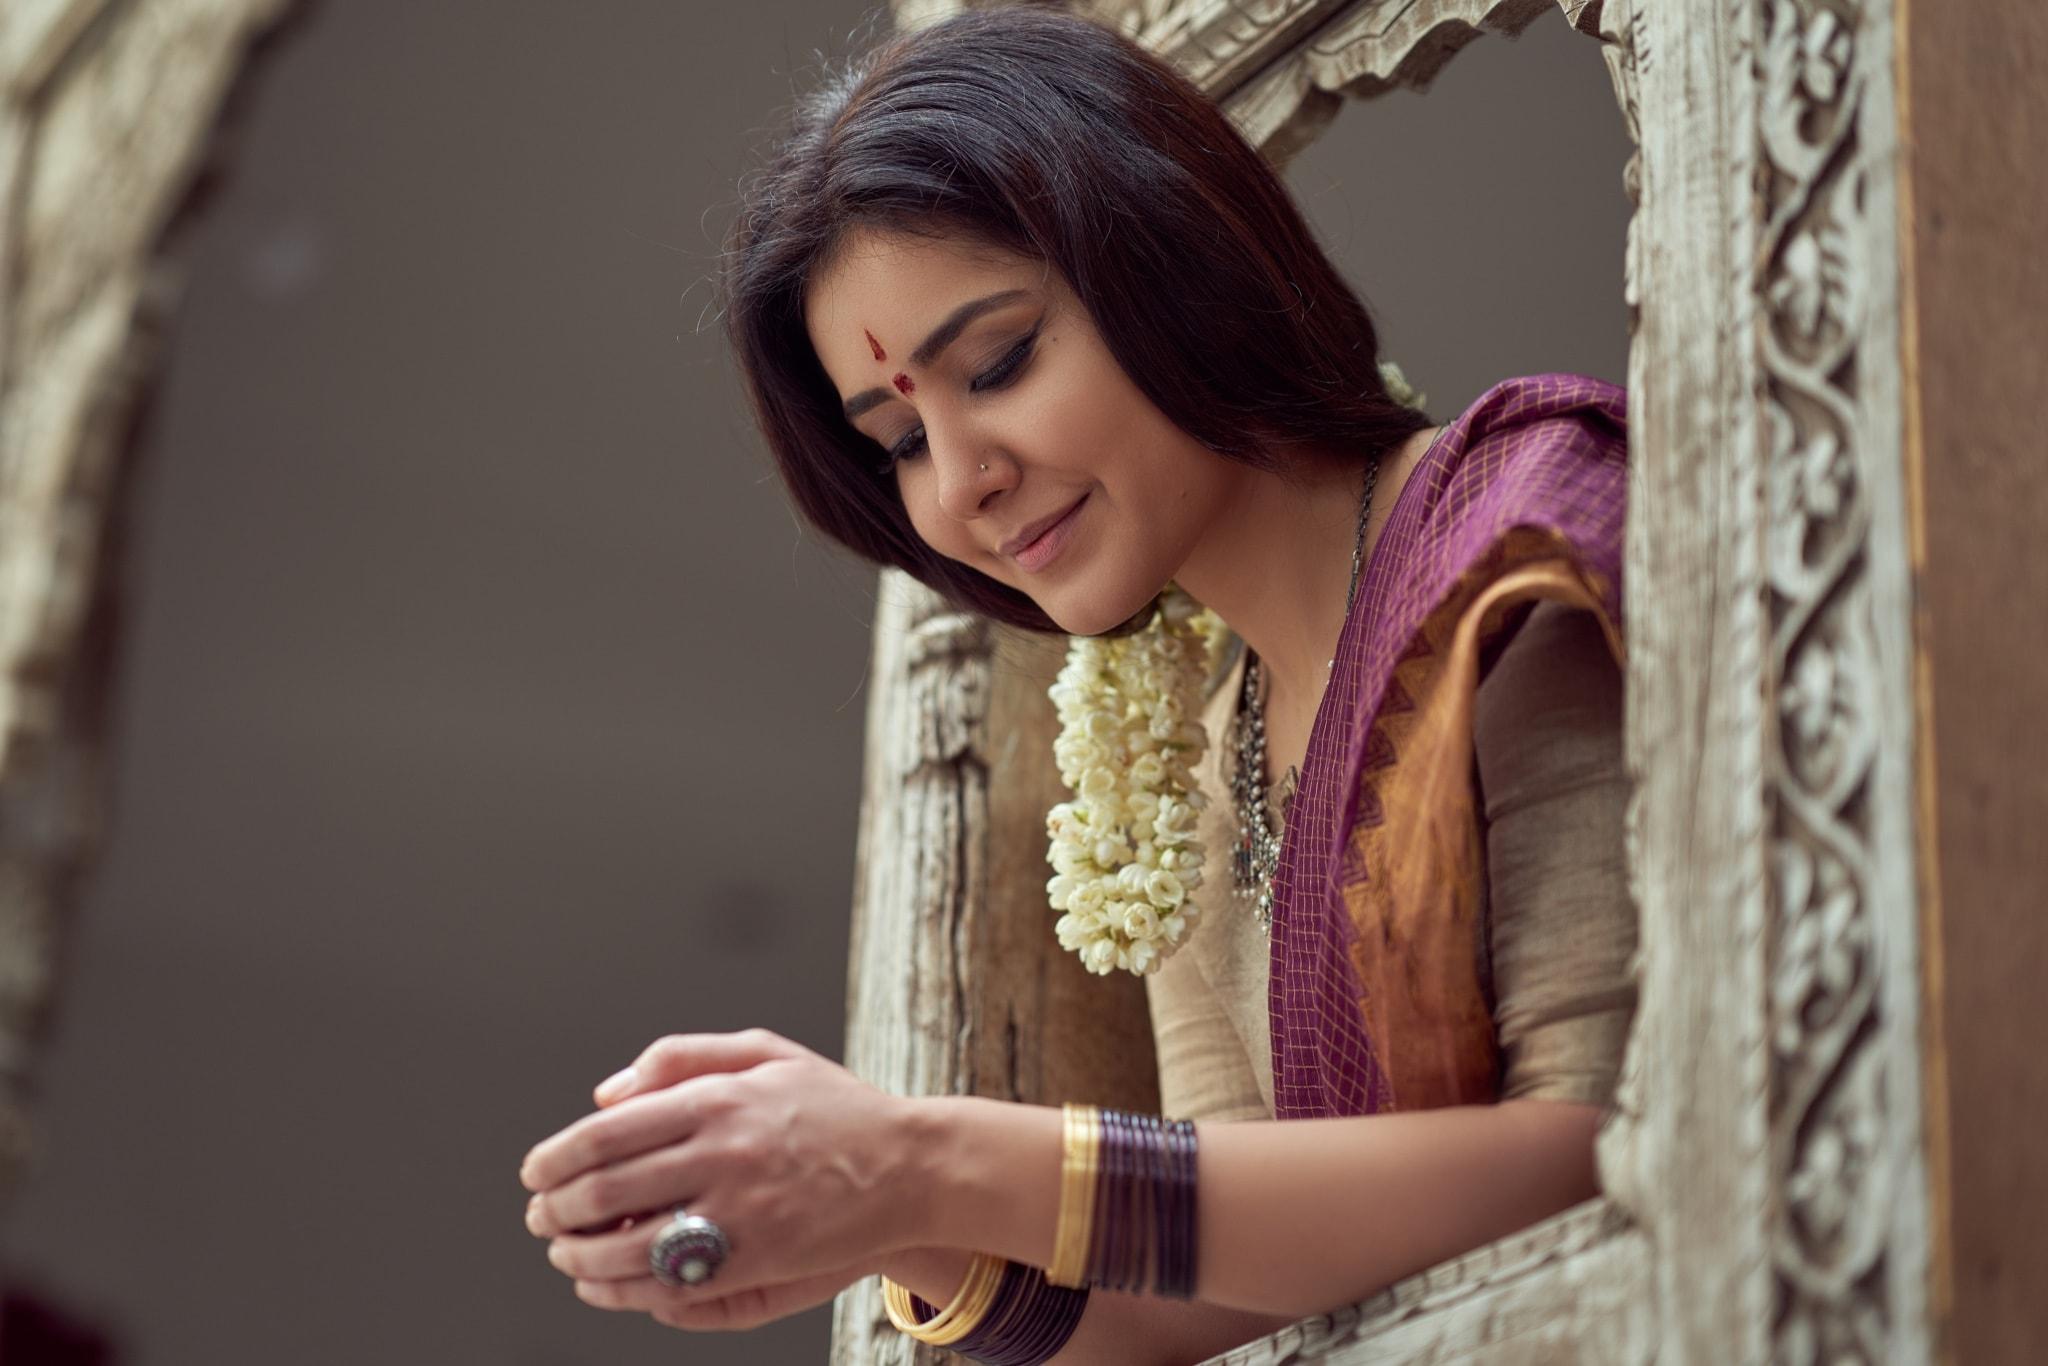 దసరా సందర్భంగా సాంప్రదాయ చీరకట్టులో అందాల రాశీ ఖన్నా (Twitter/Photo)